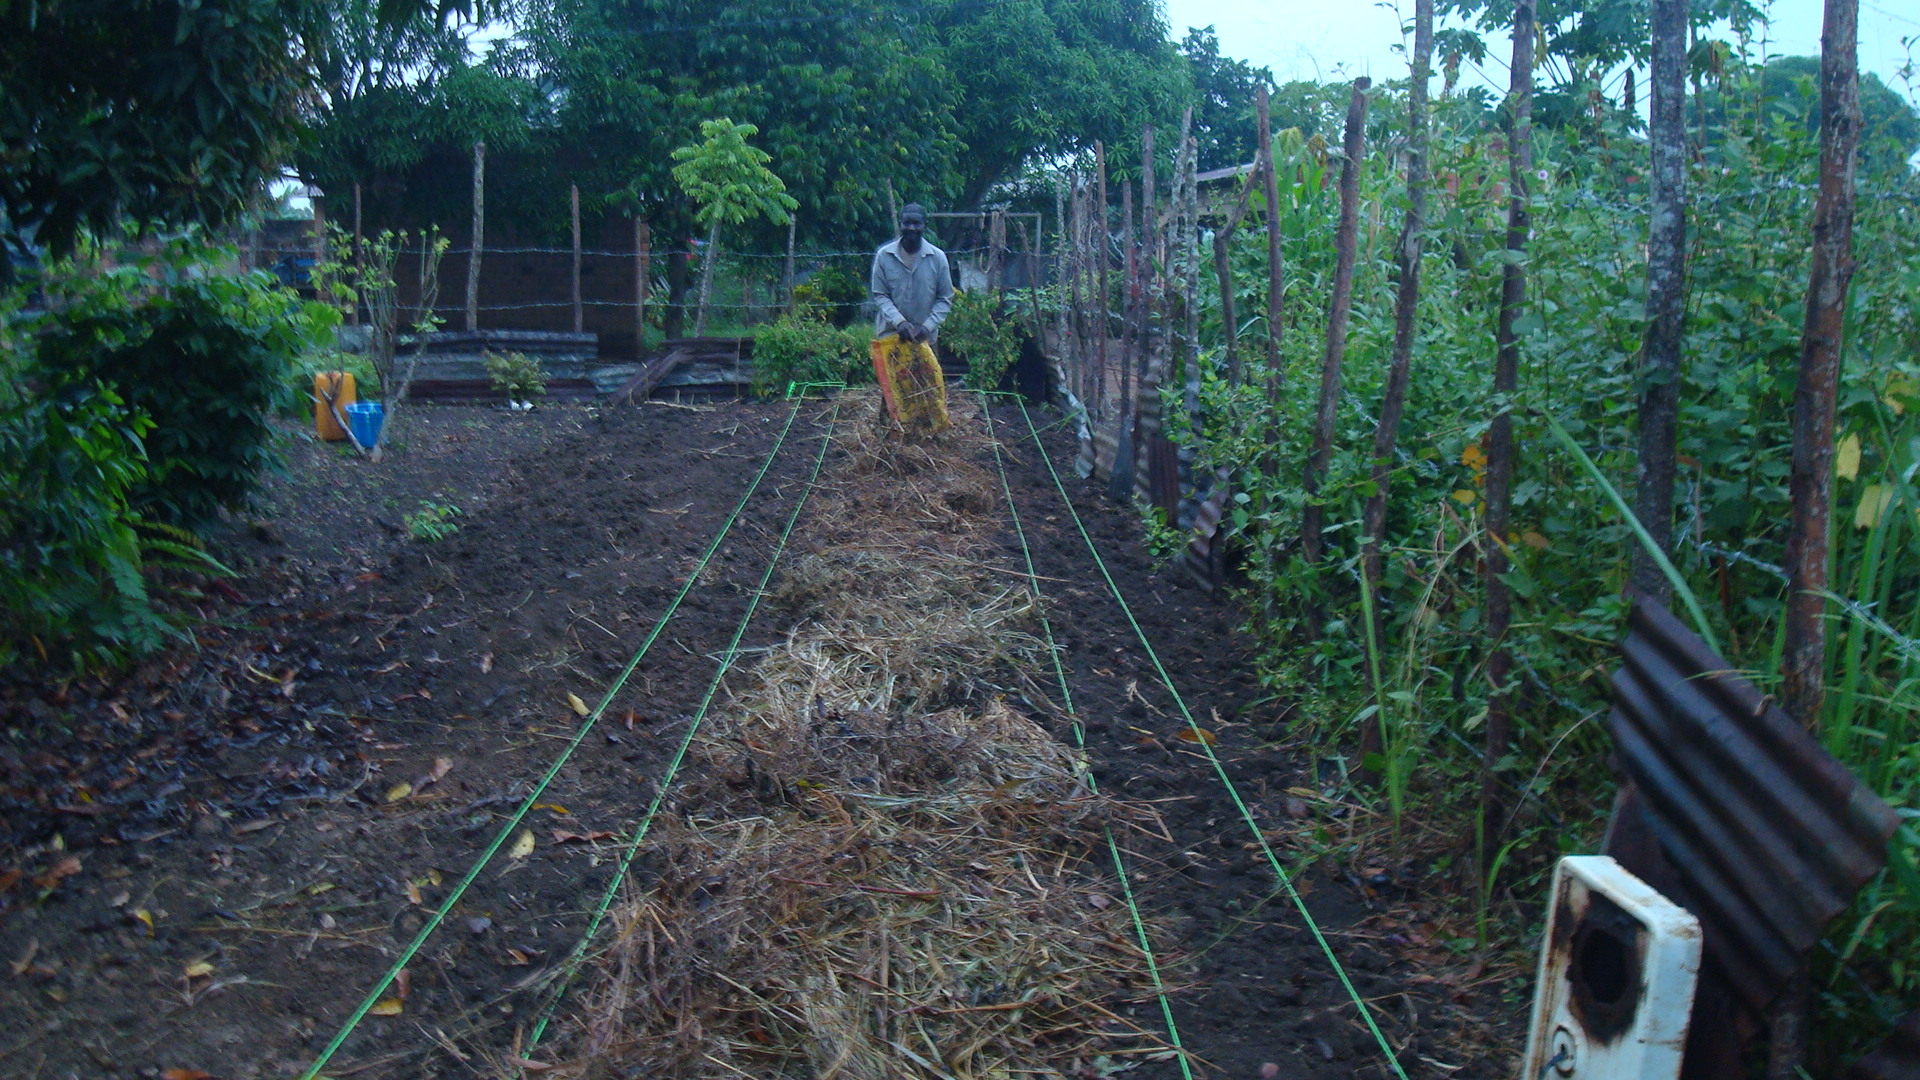 champs de plantation2 -plants arbres fruitiers - Nkayi 2021 - pcpacongo